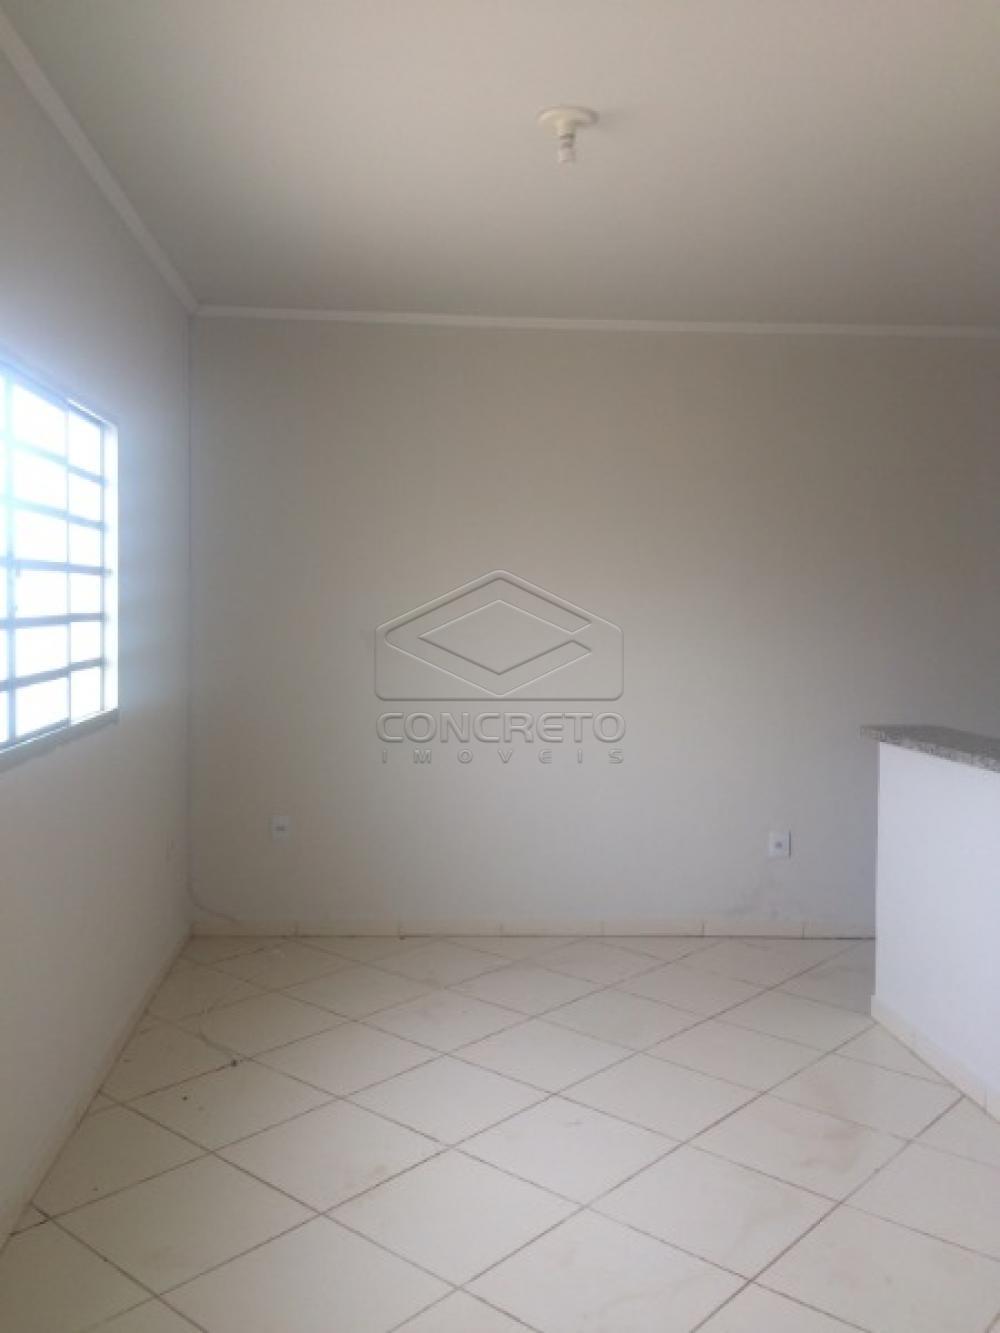 Comprar Casa / Padrão em Botucatu apenas R$ 210.000,00 - Foto 16